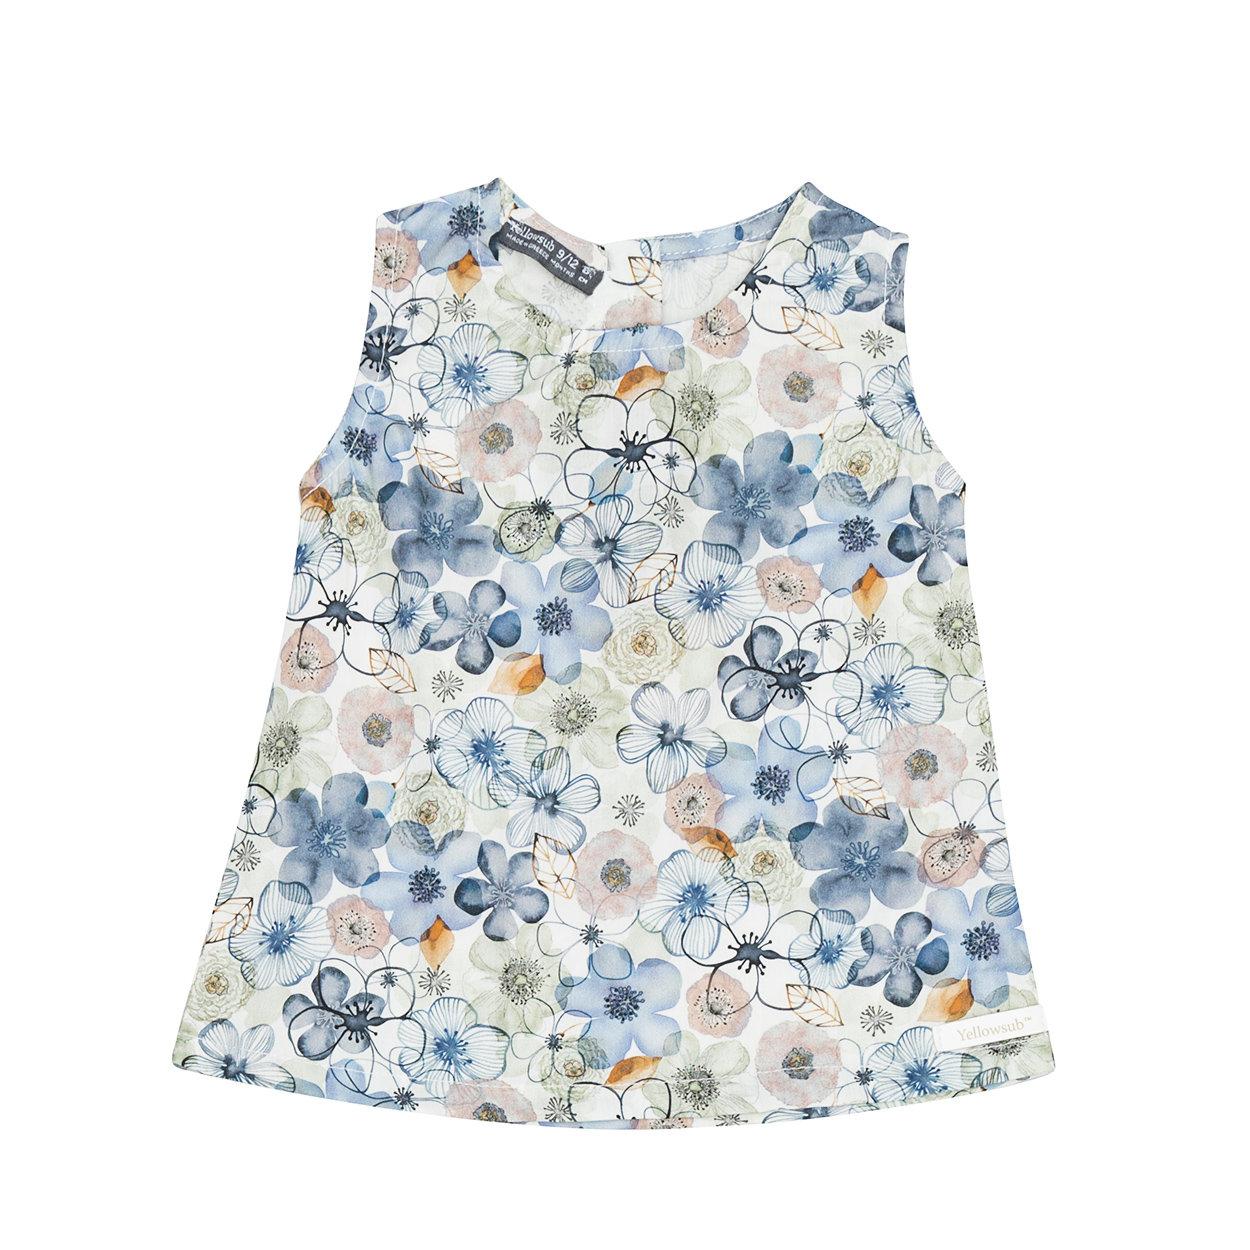 Image of Blusa a fiori multicolor senza maniche